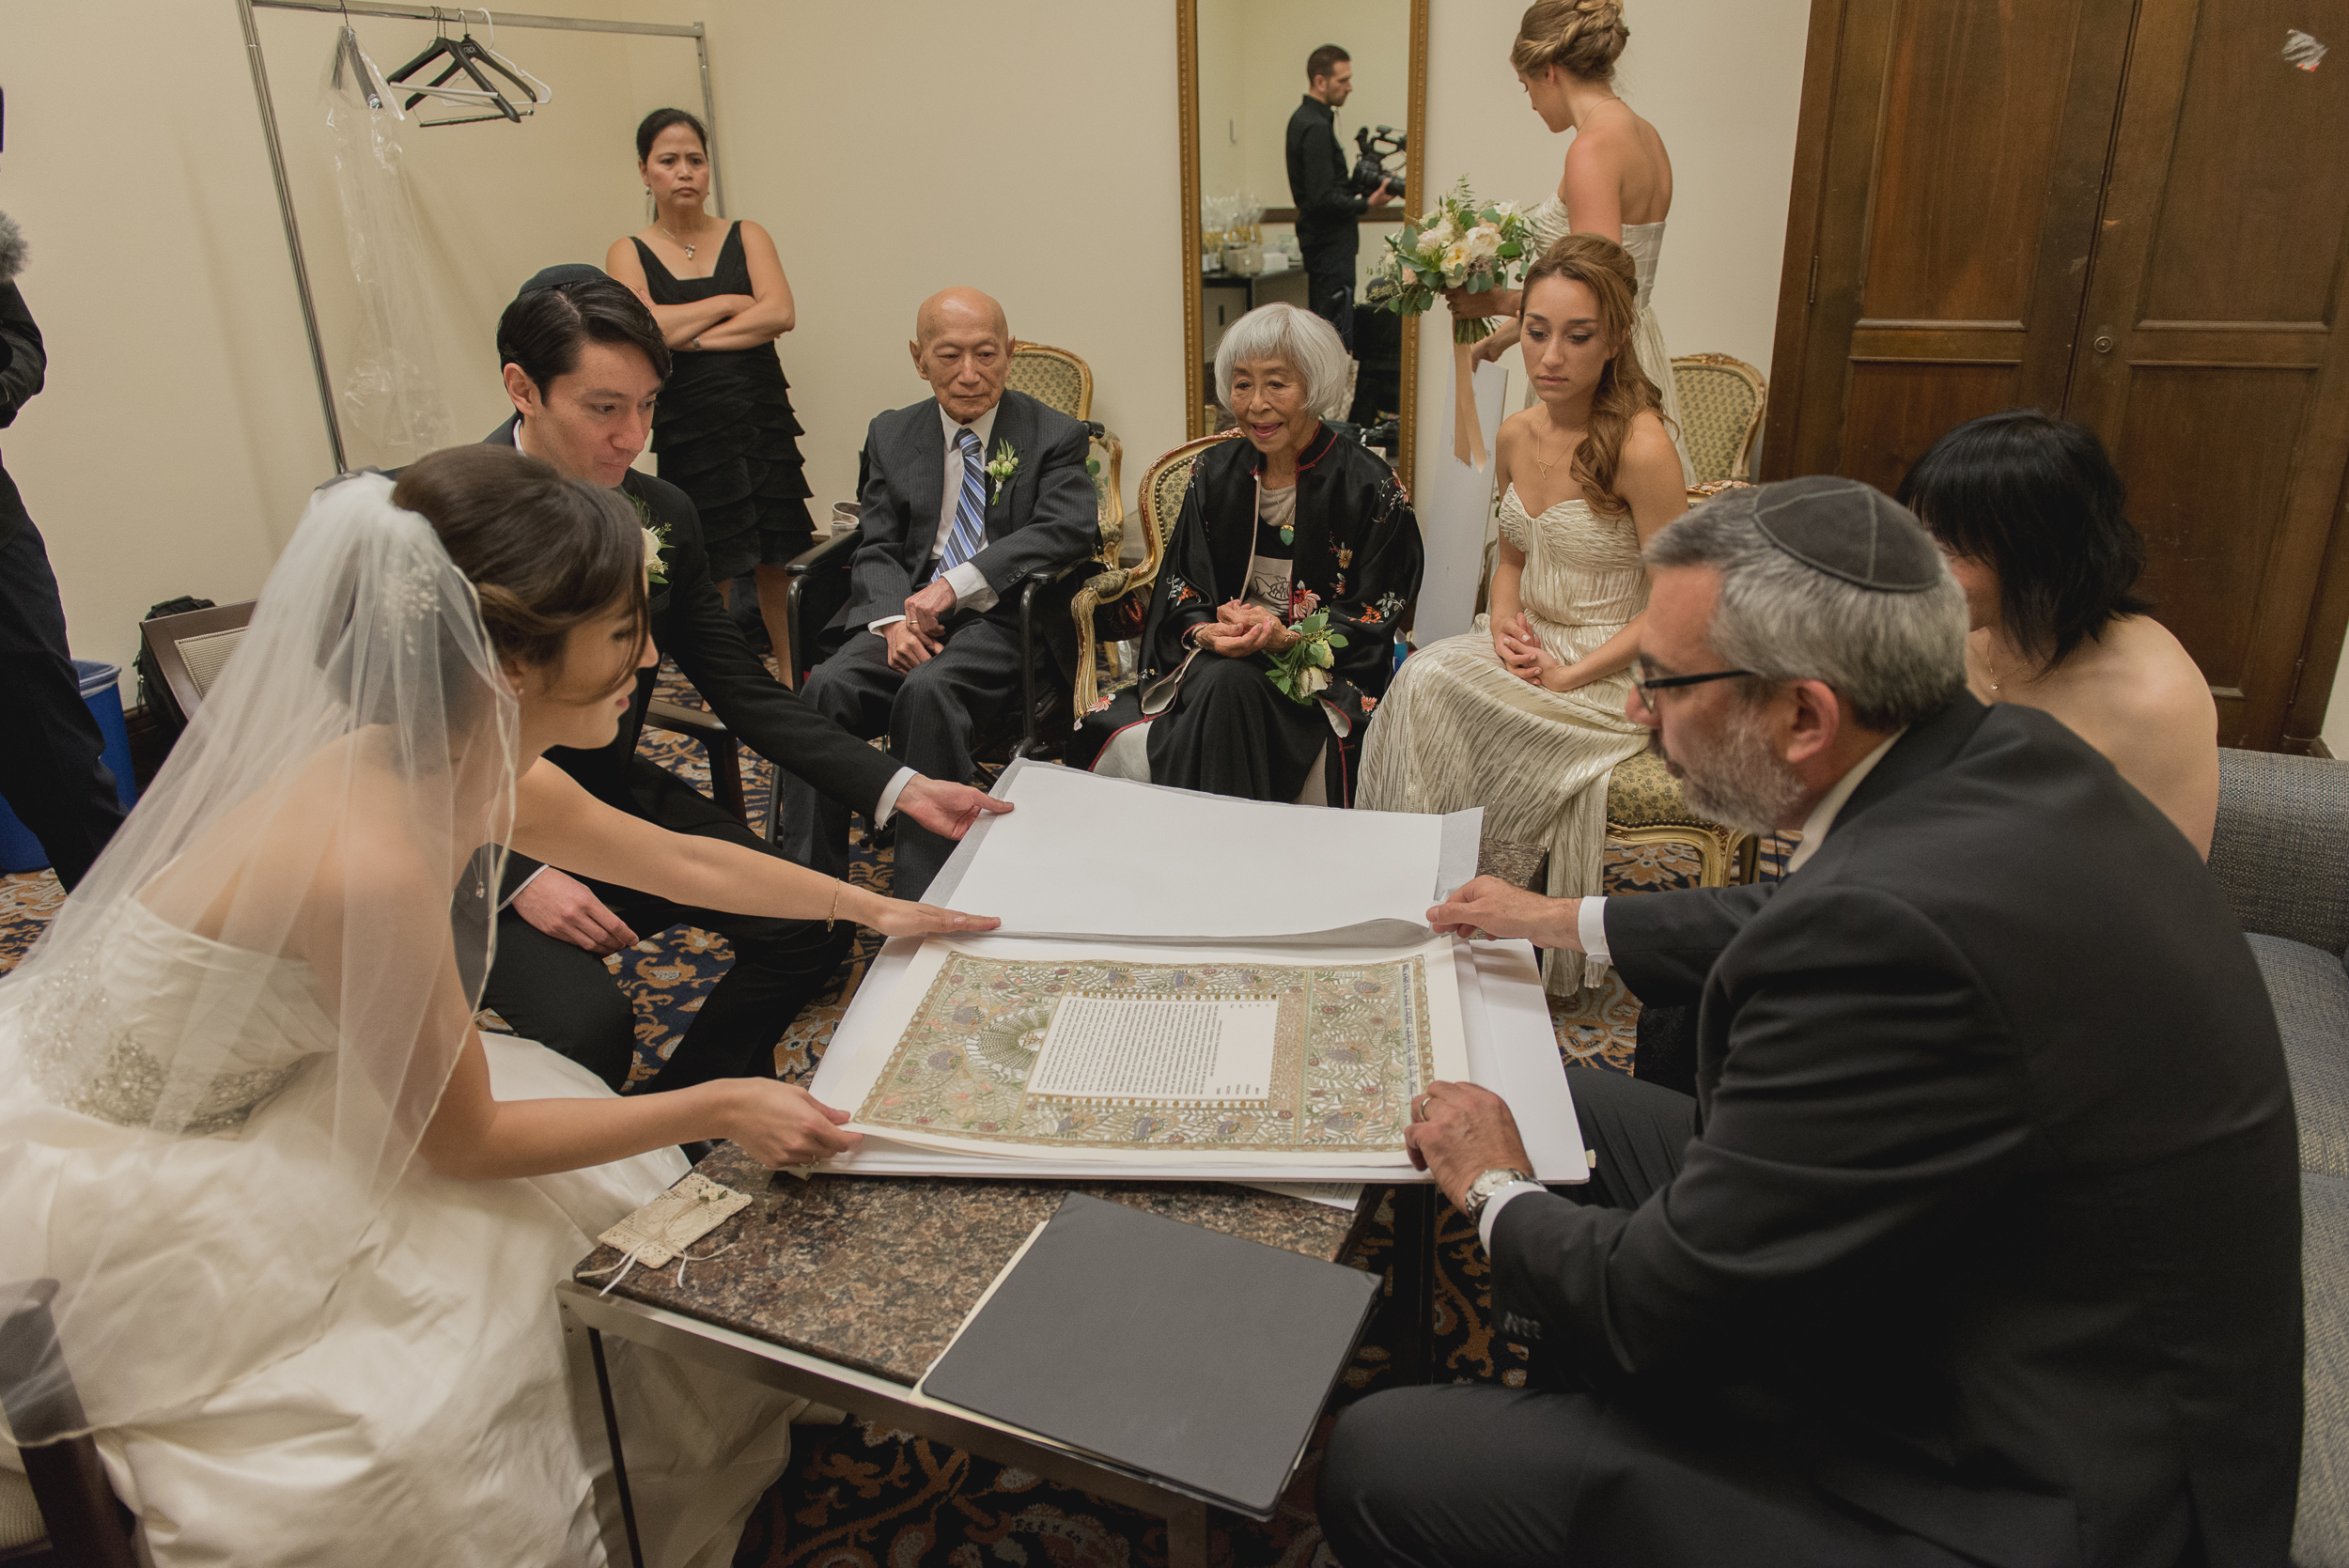 22san-francisco-green-room-wedding-photographer-vivianchen.jpg